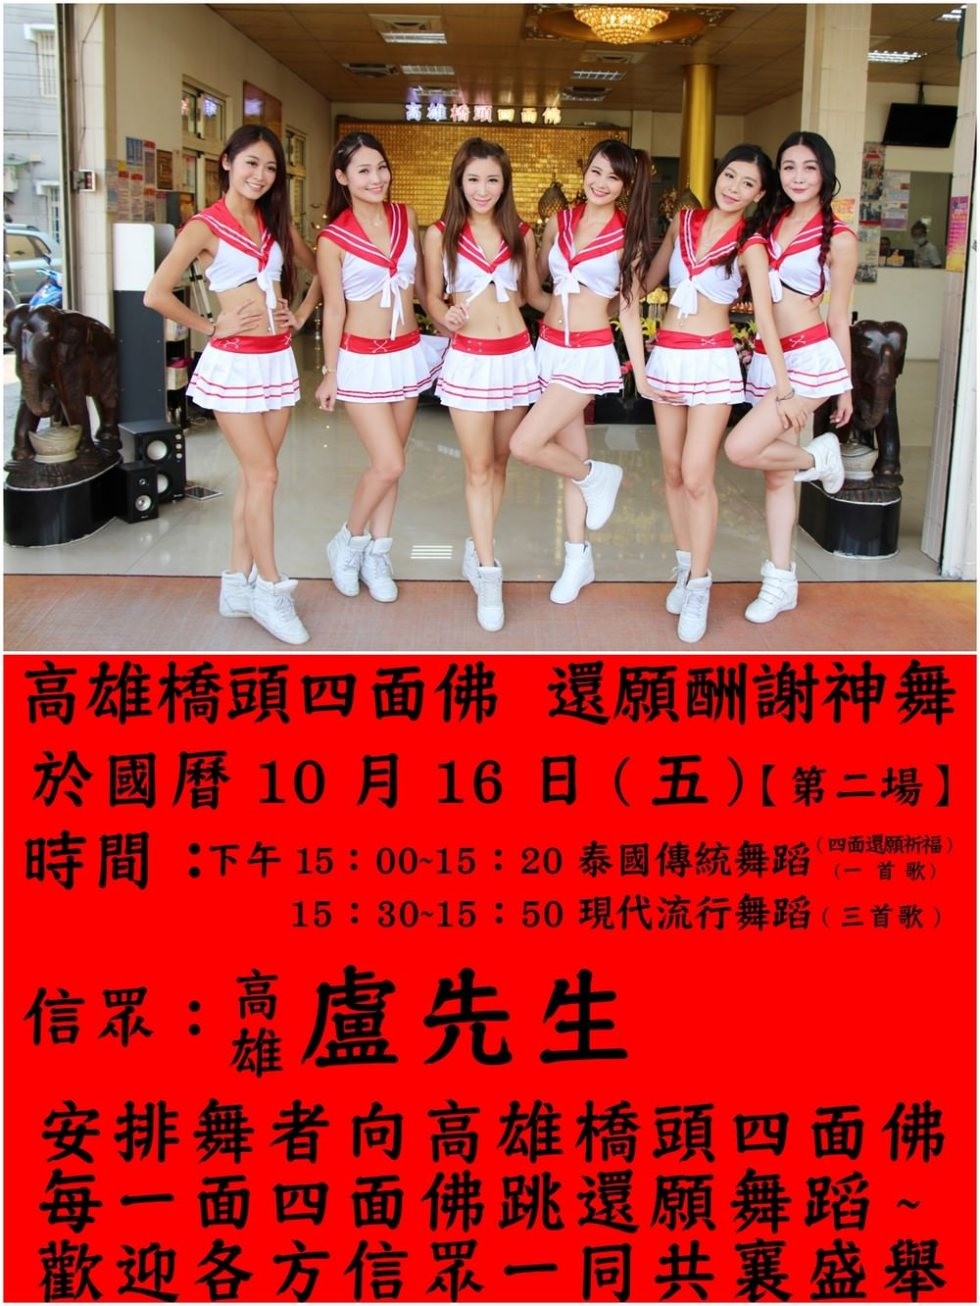 2015.10.16(五)高雄橋頭四面佛還願舞蹈《第二場》